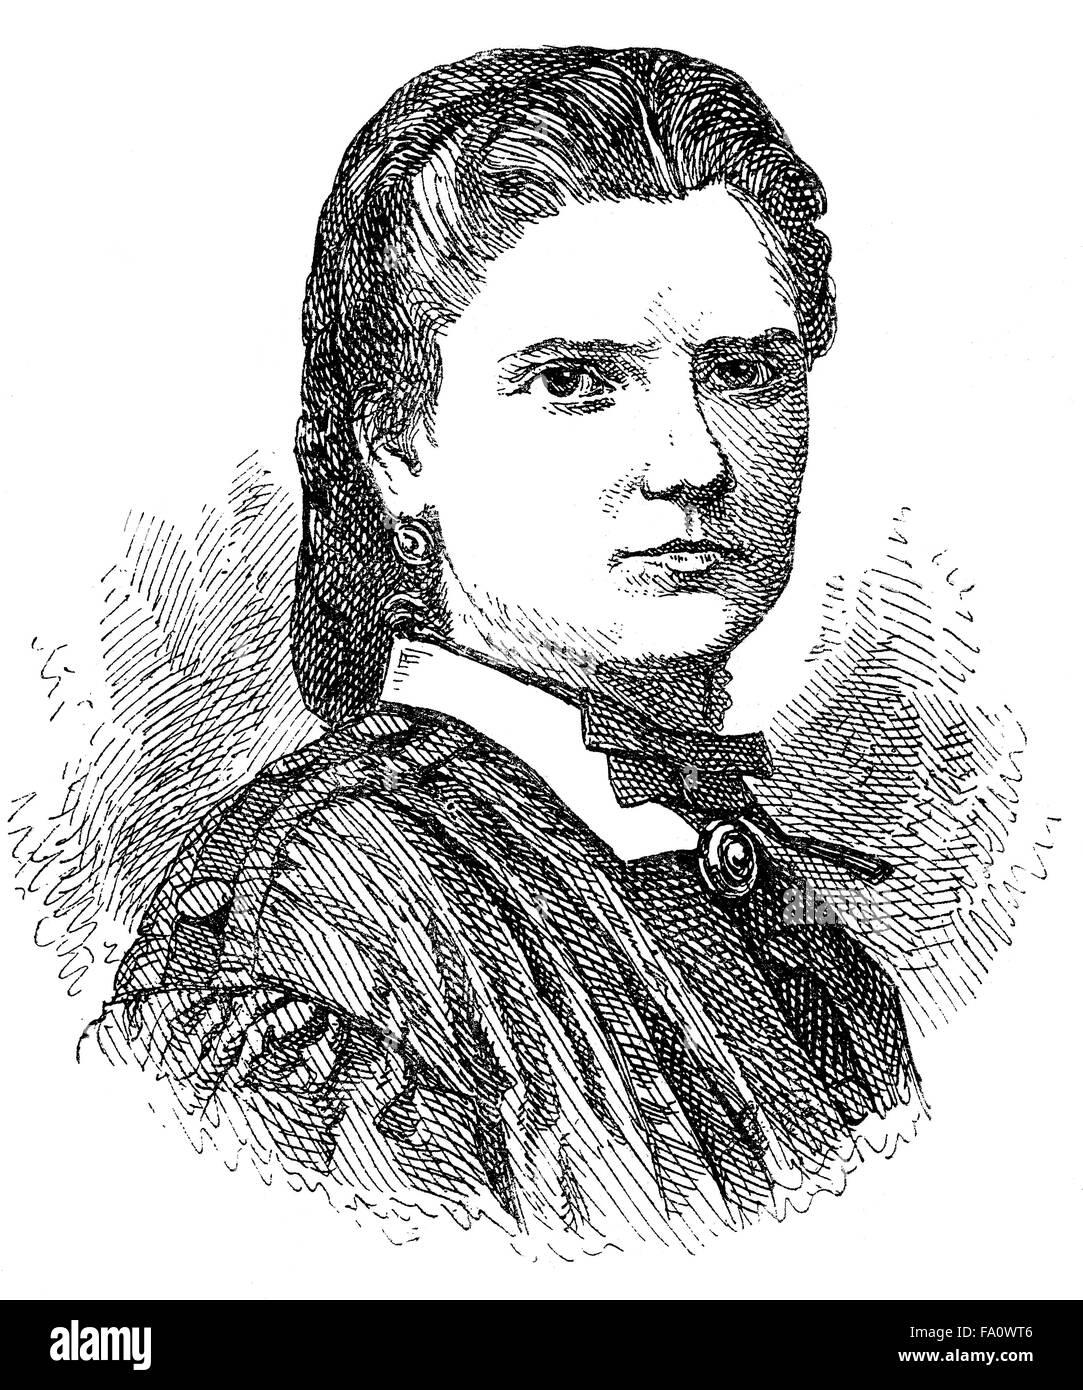 Aglaia von Enderes, 1836-1883, an Austrian writer, - Stock Image